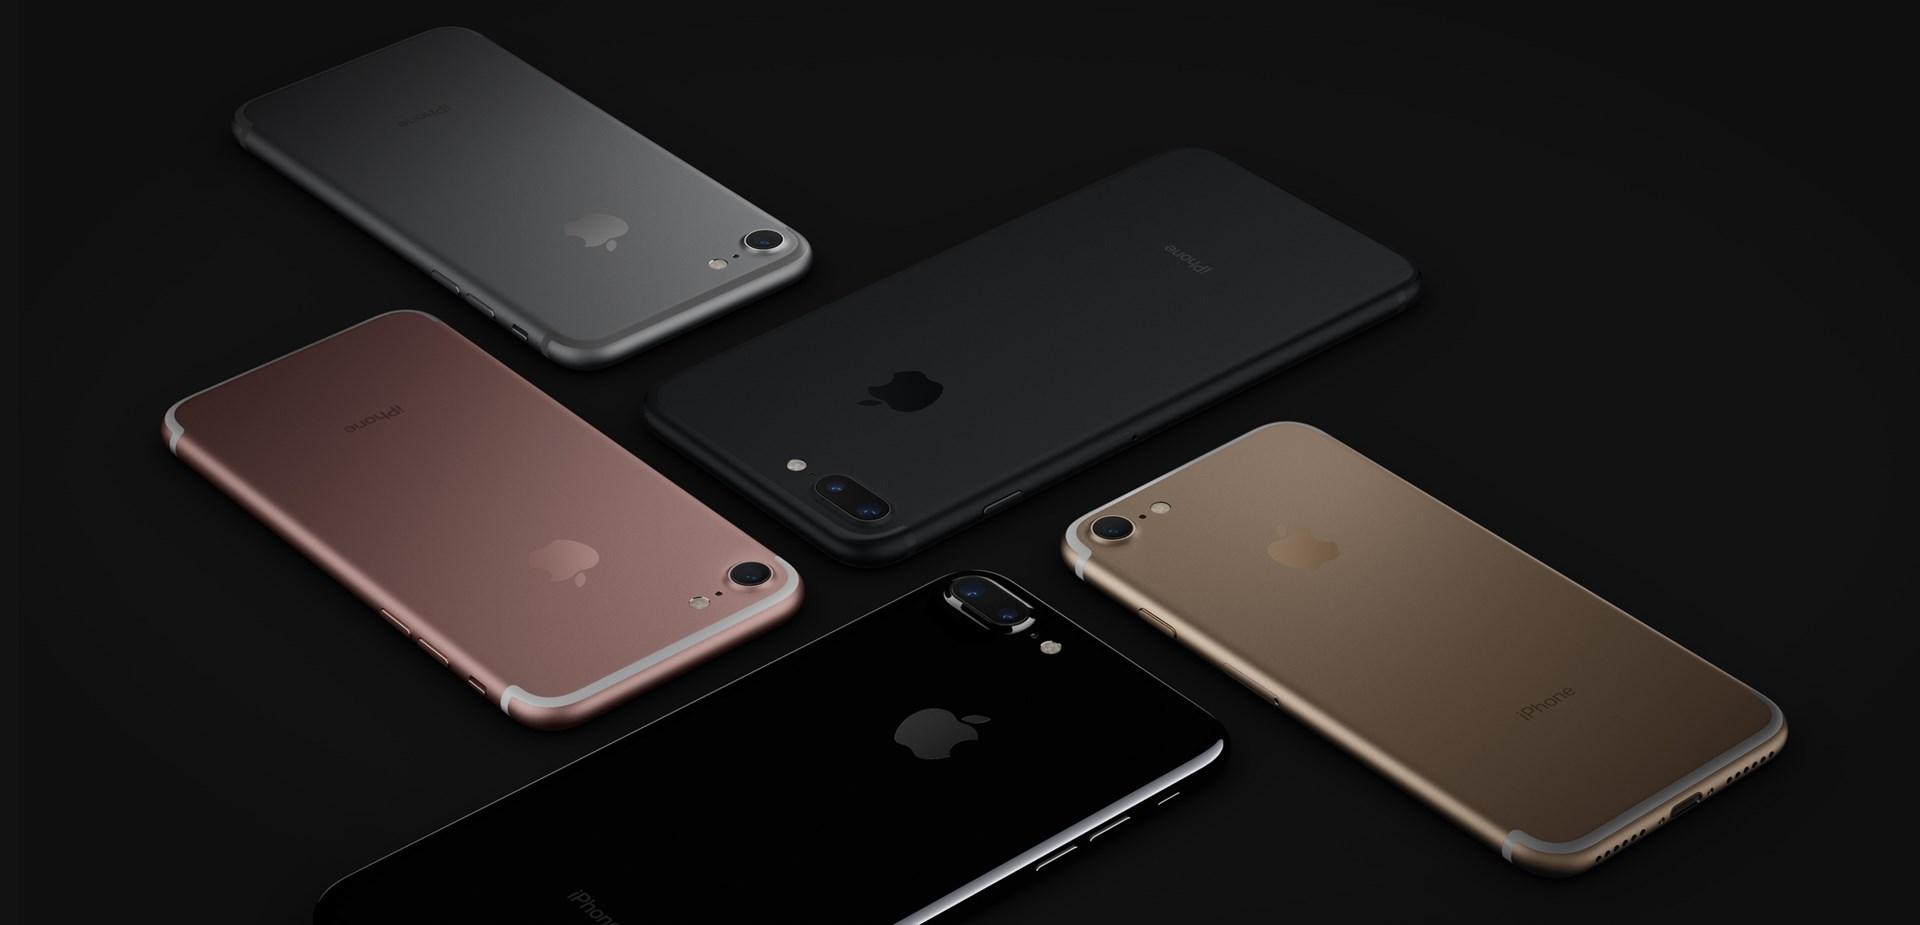 Apple anuncia oficialmente o iPhone 7, confira tudo sobre o novo aparelho da empresa